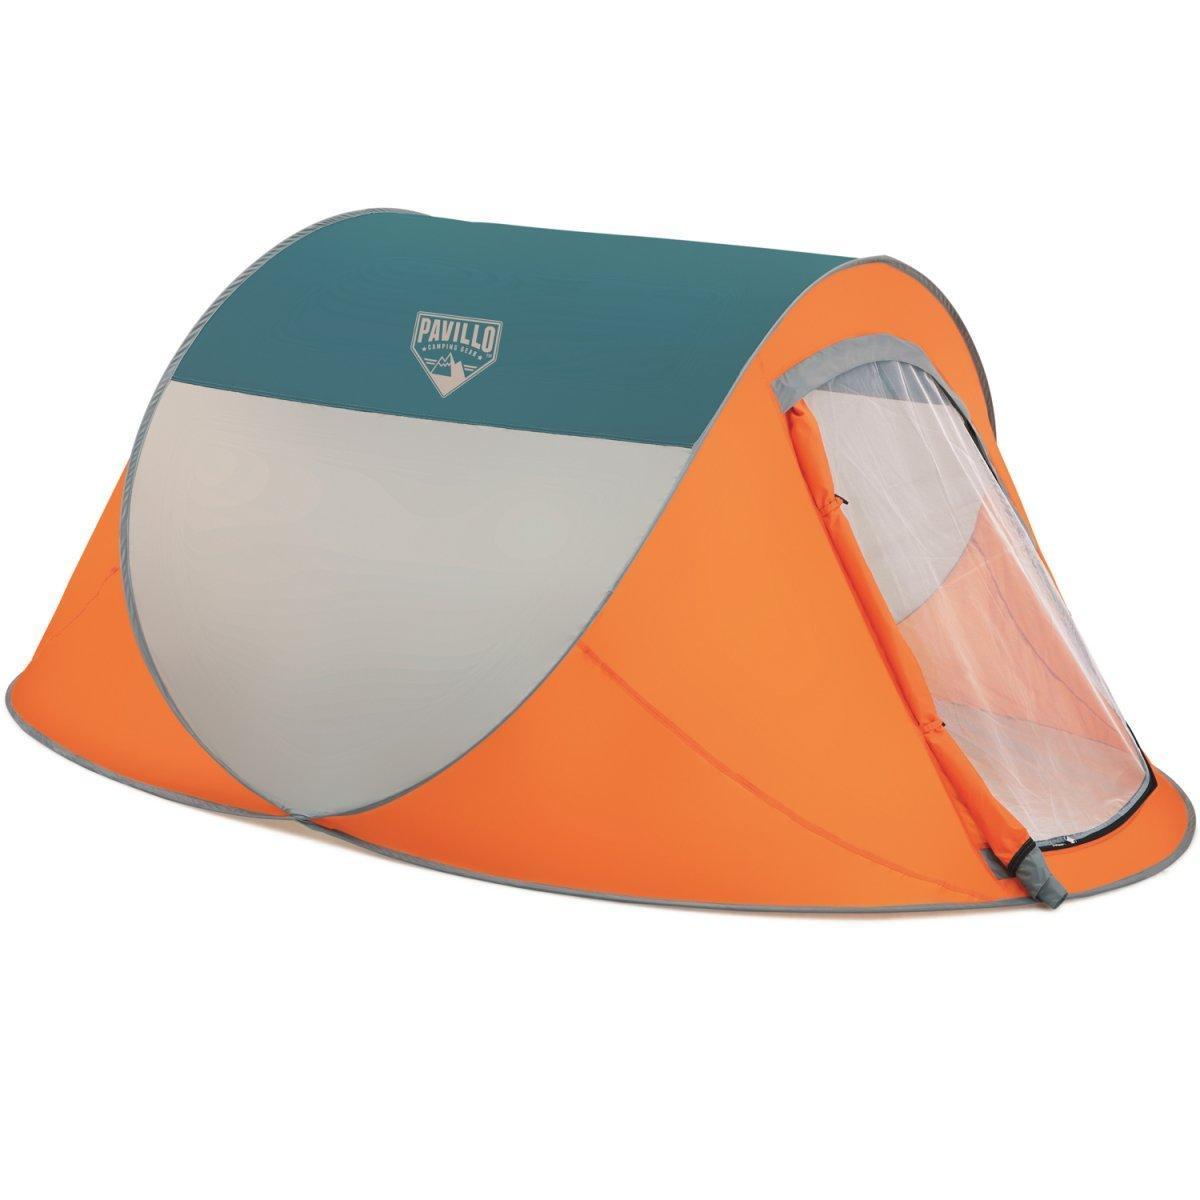 Четырехместная палатка Pavillo Bestway 68006 Nucamp x4, 240 х 210 х 100 см